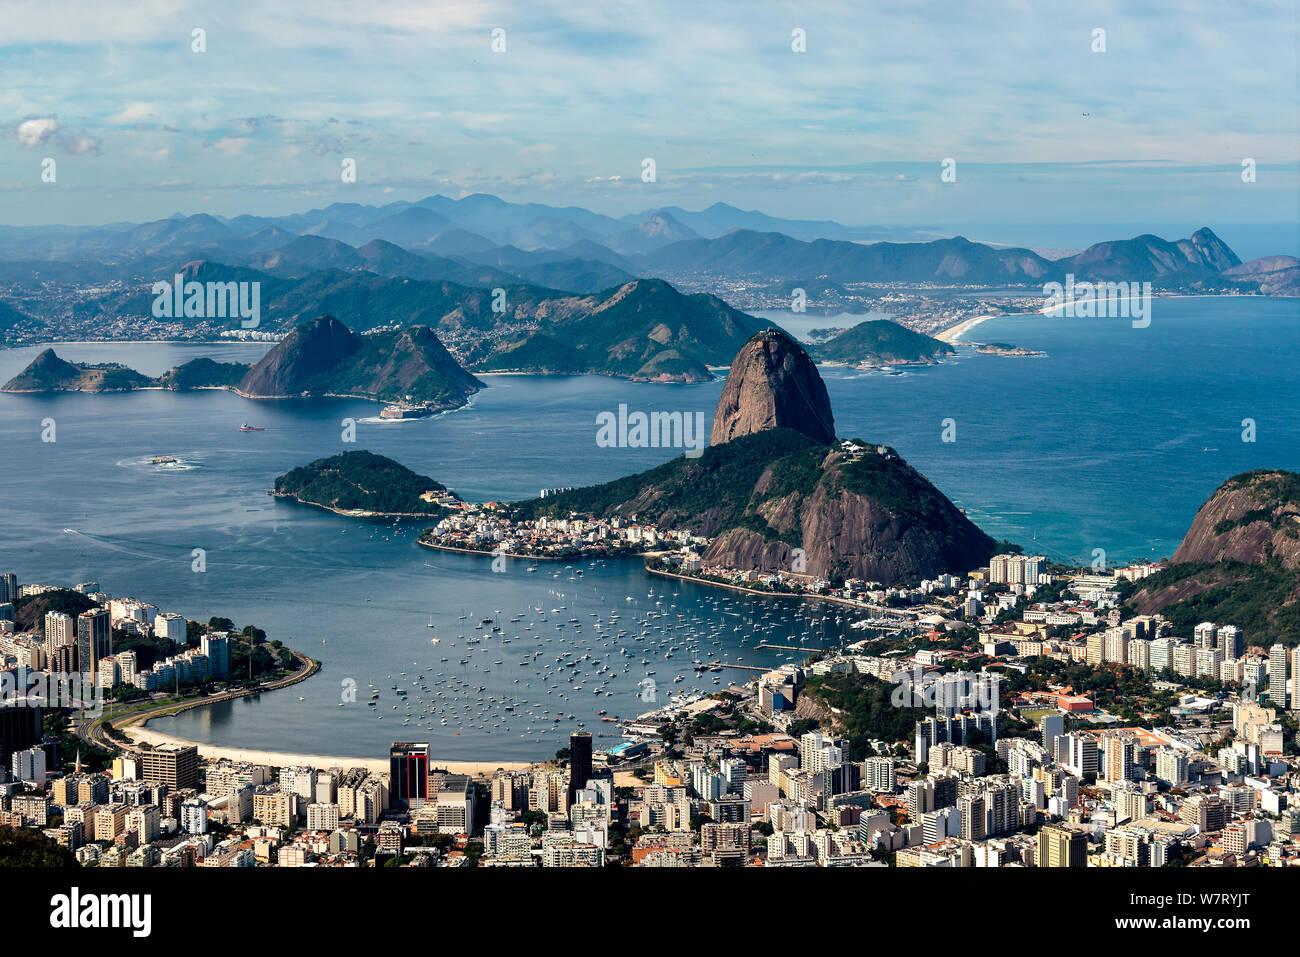 Sugar Loaf Mountain seen from the Corcovado Mountain, Rio de Janeiro Stock Photo